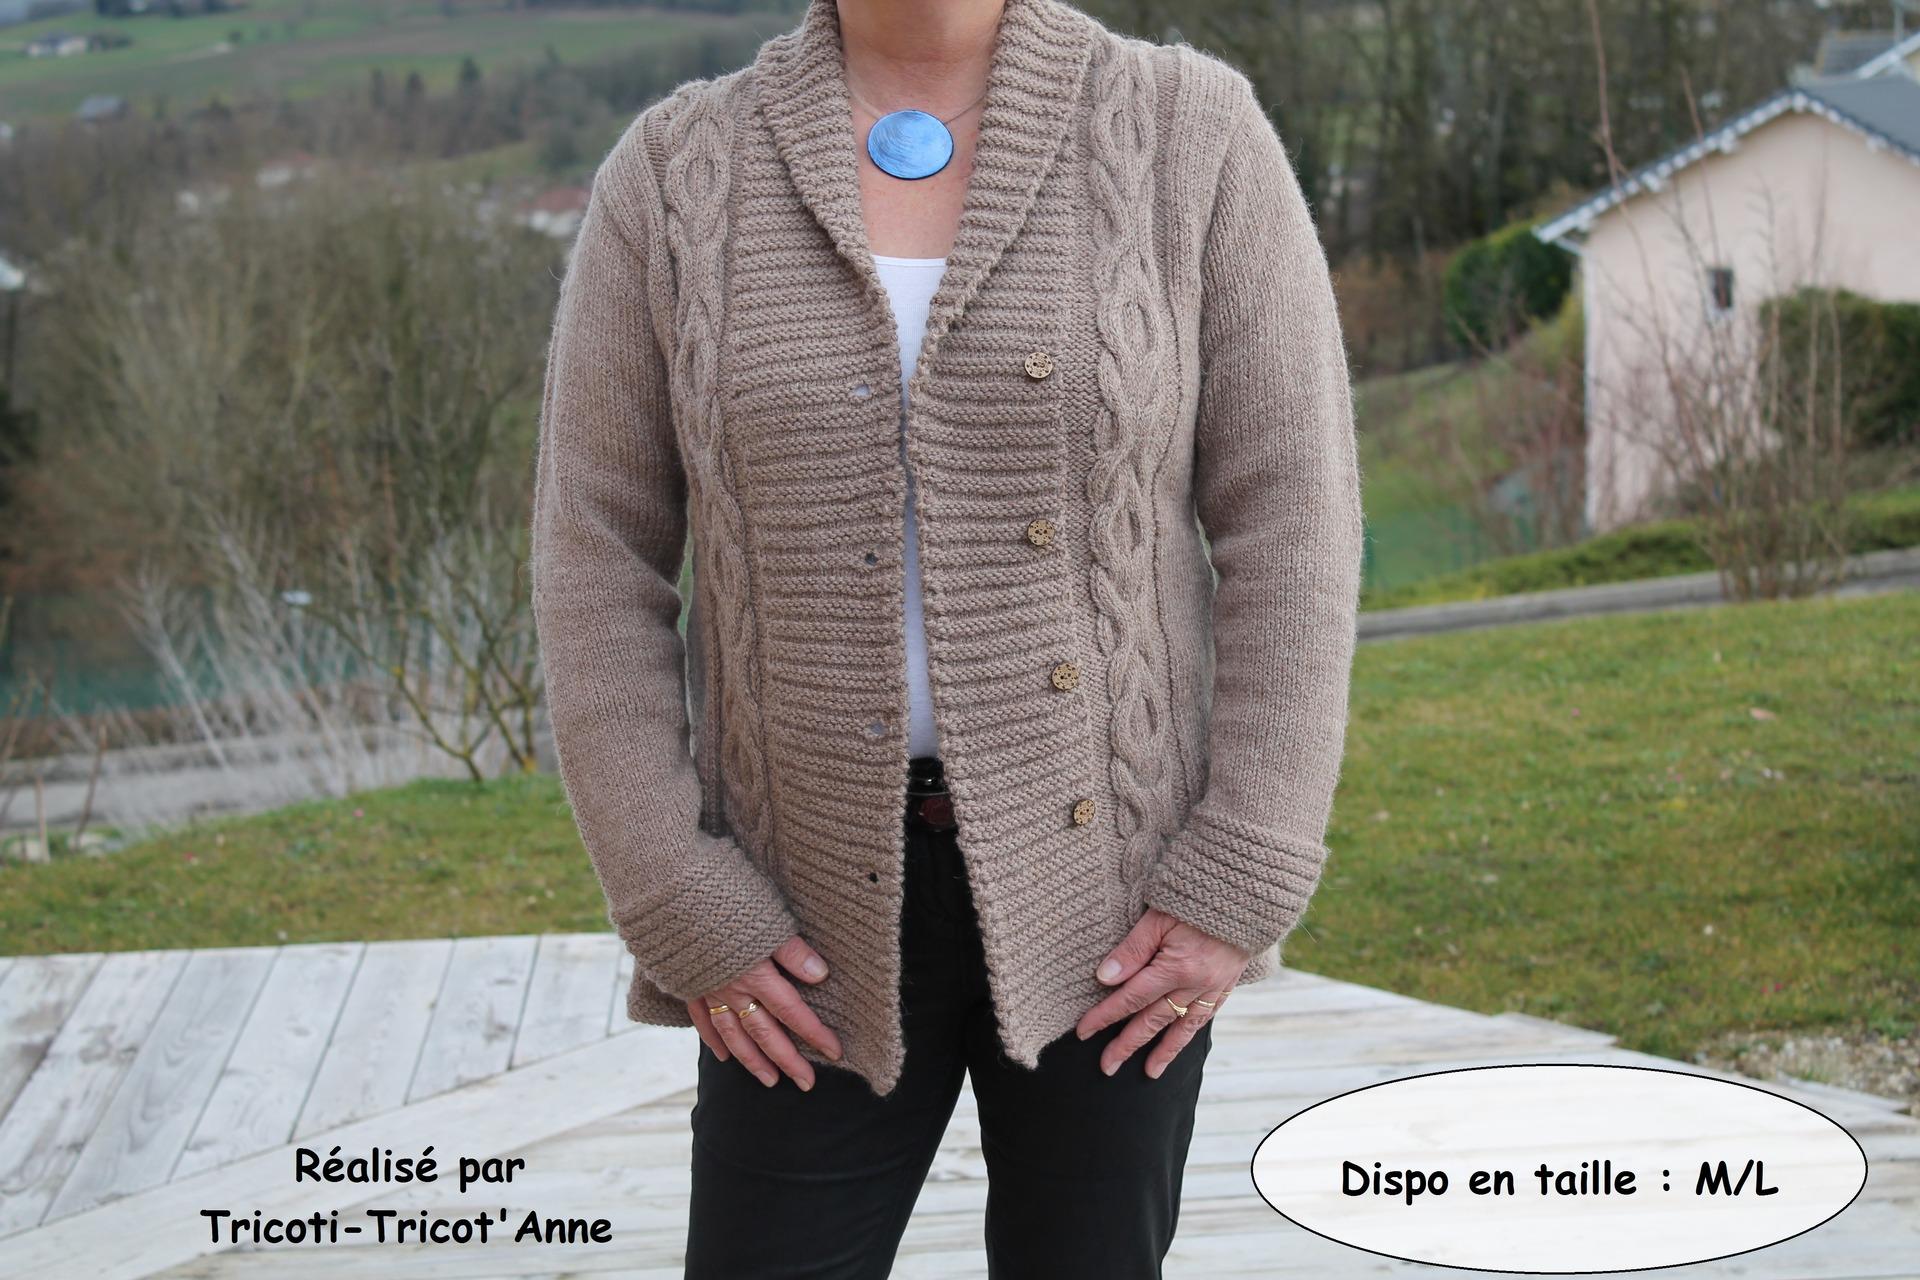 Modele veste laine tricoter pour femme